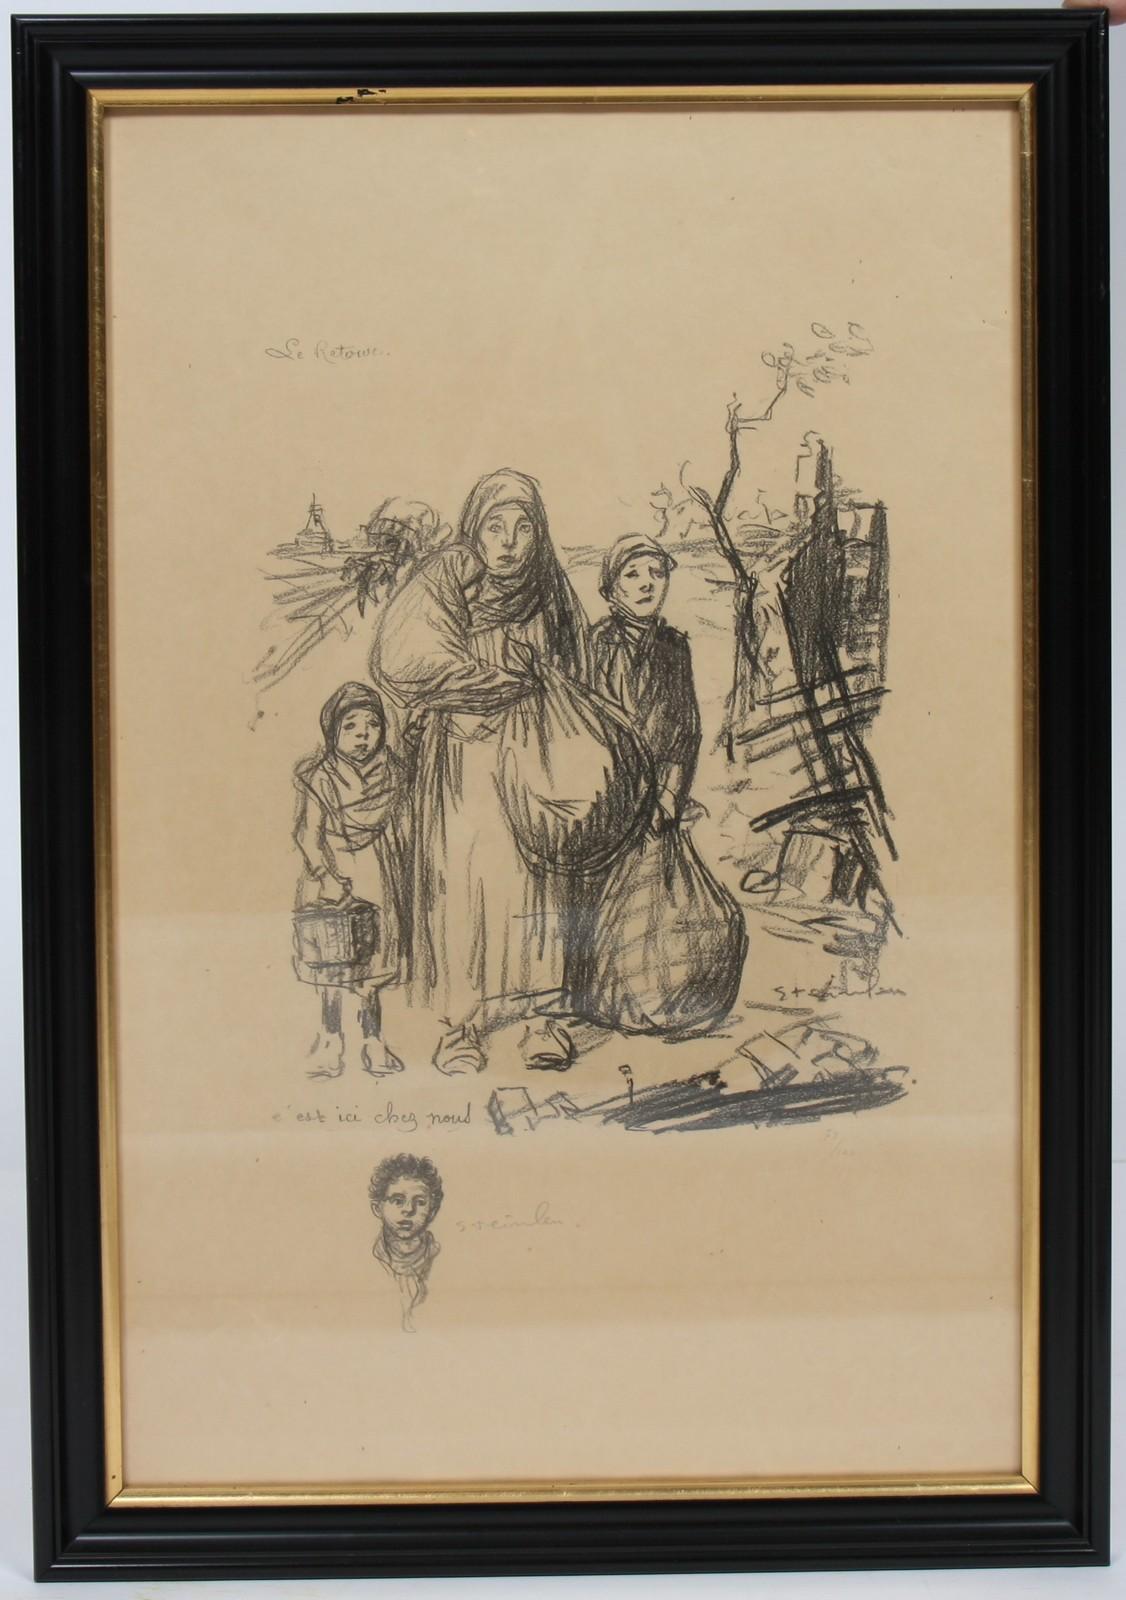 LITHOGRAPHIE DE STEINLEN En noir et blanc, encadrée, représentant cinq enfants adossés à un mur.